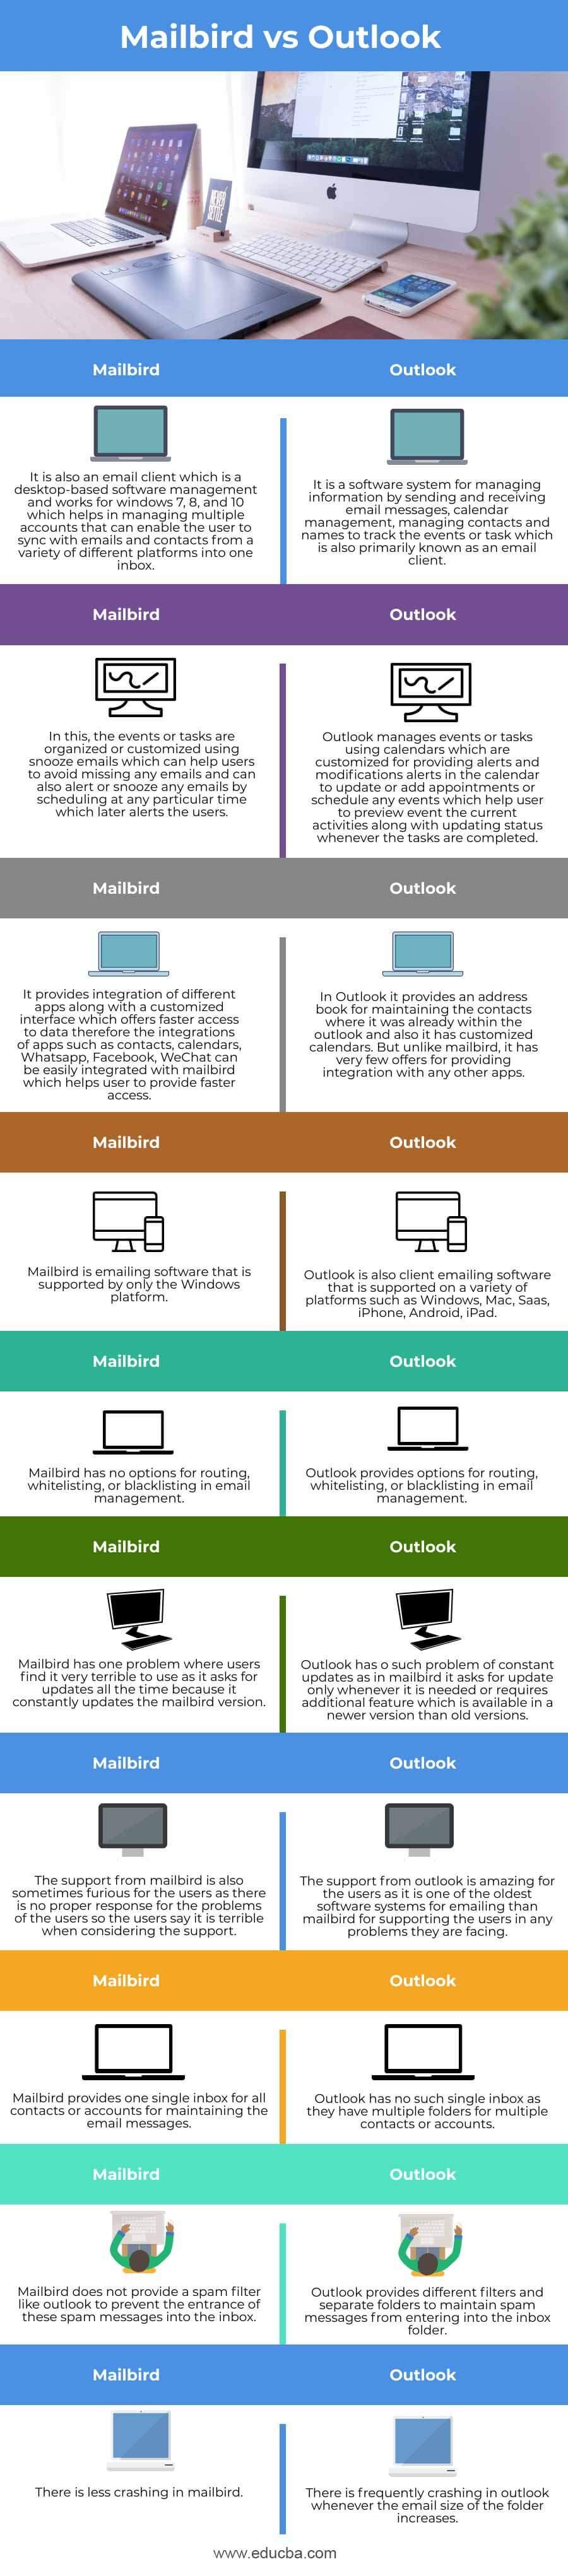 Mailbird-vs-Outlook-info